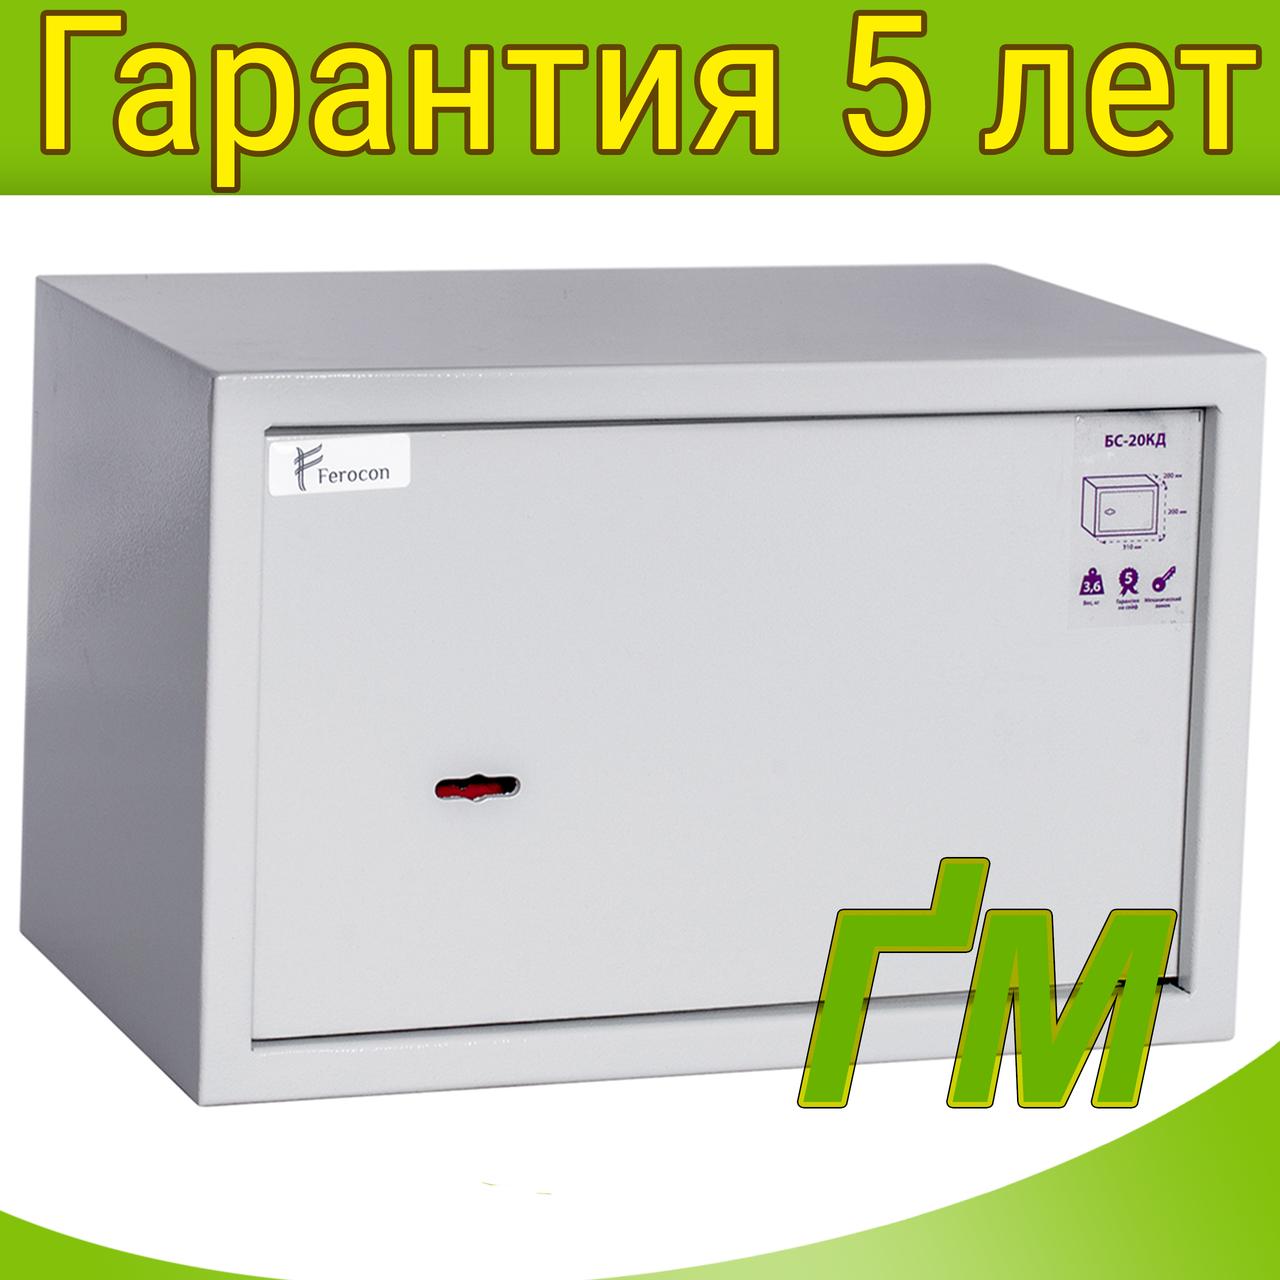 Сейф мебельный БС-20КД.7035 (200х310х200мм)